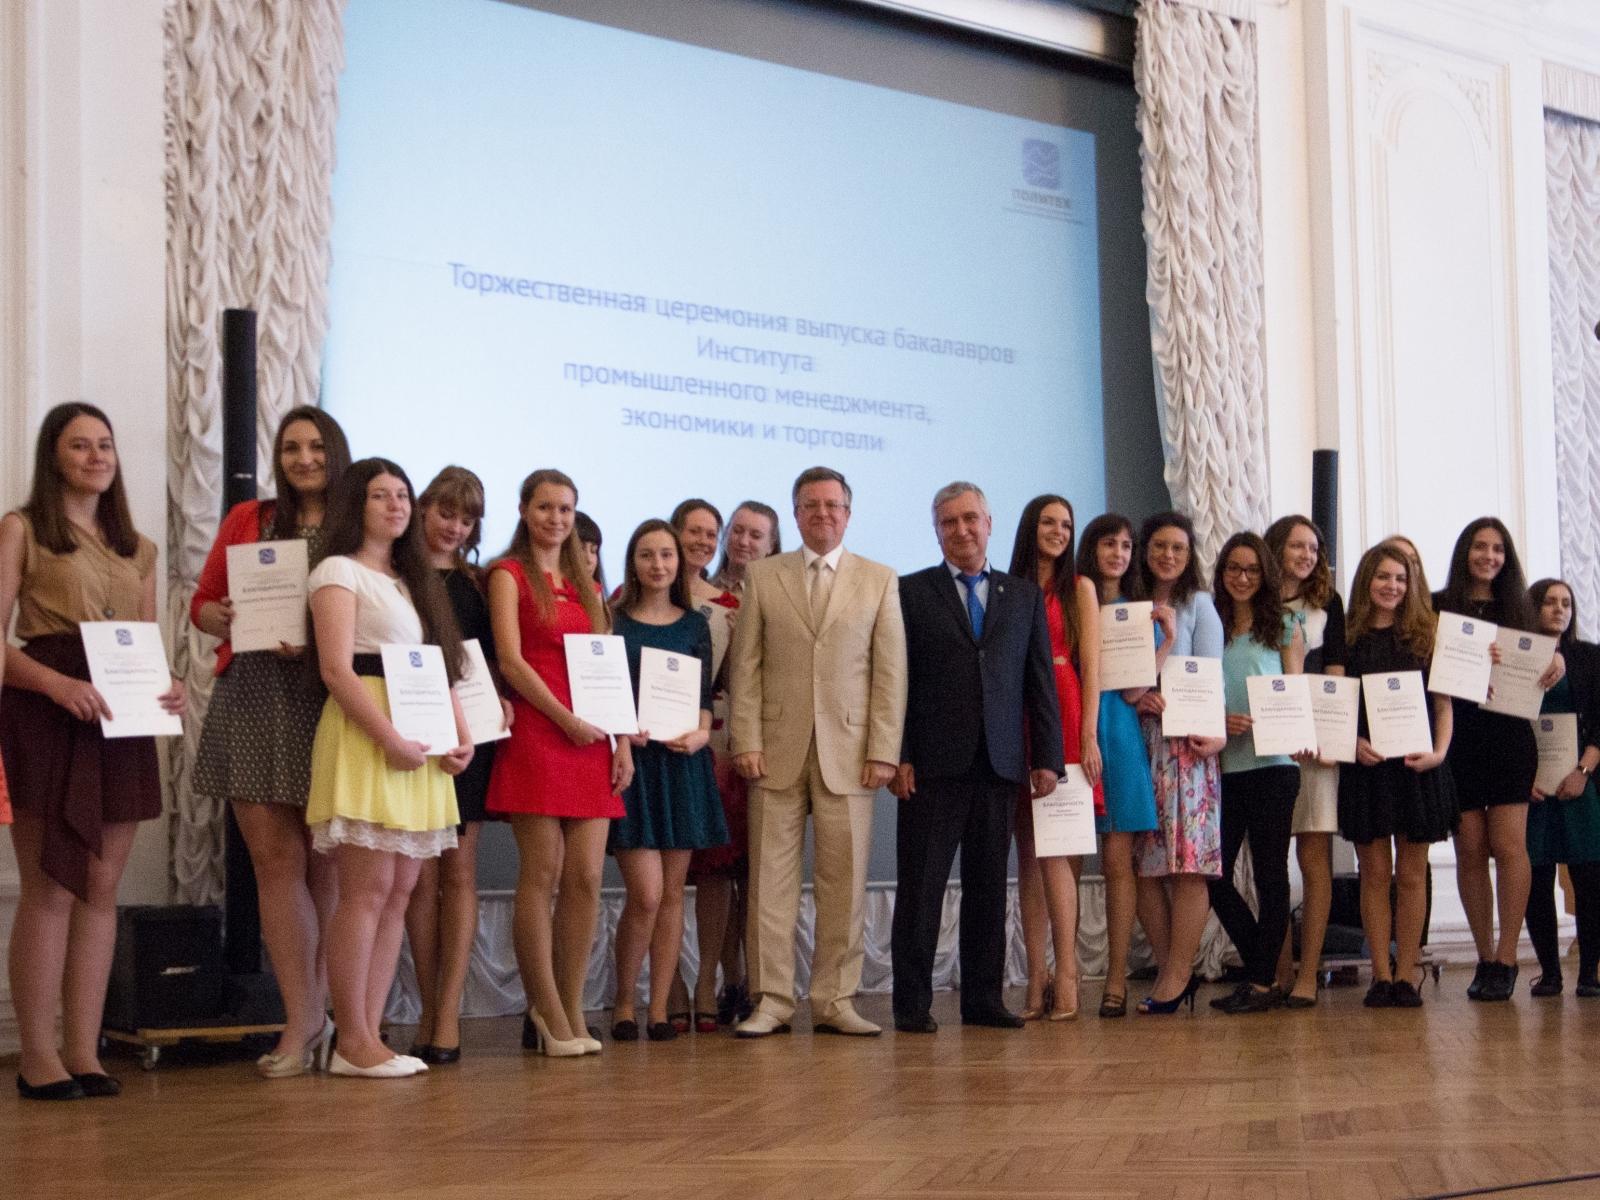 Торжественная церемония выпуска бакалавров в Белом зале Политехнического университета